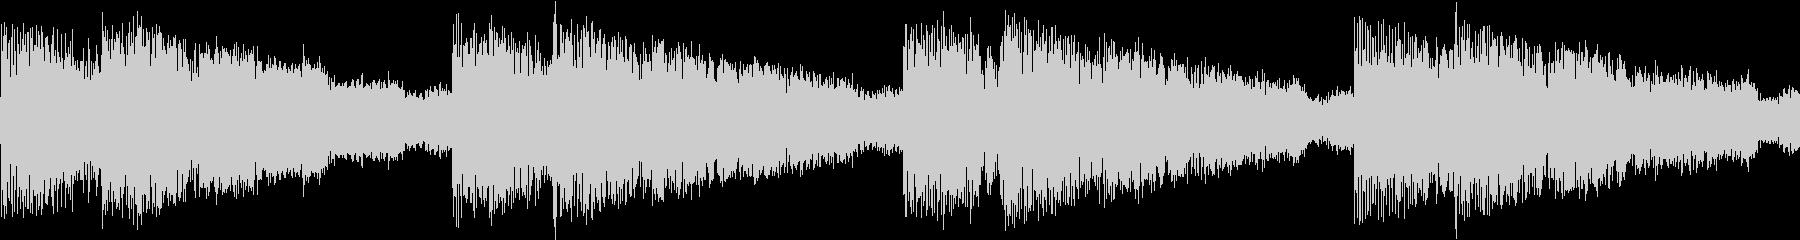 シンセ サイレン アナログ ピコピコ03の未再生の波形